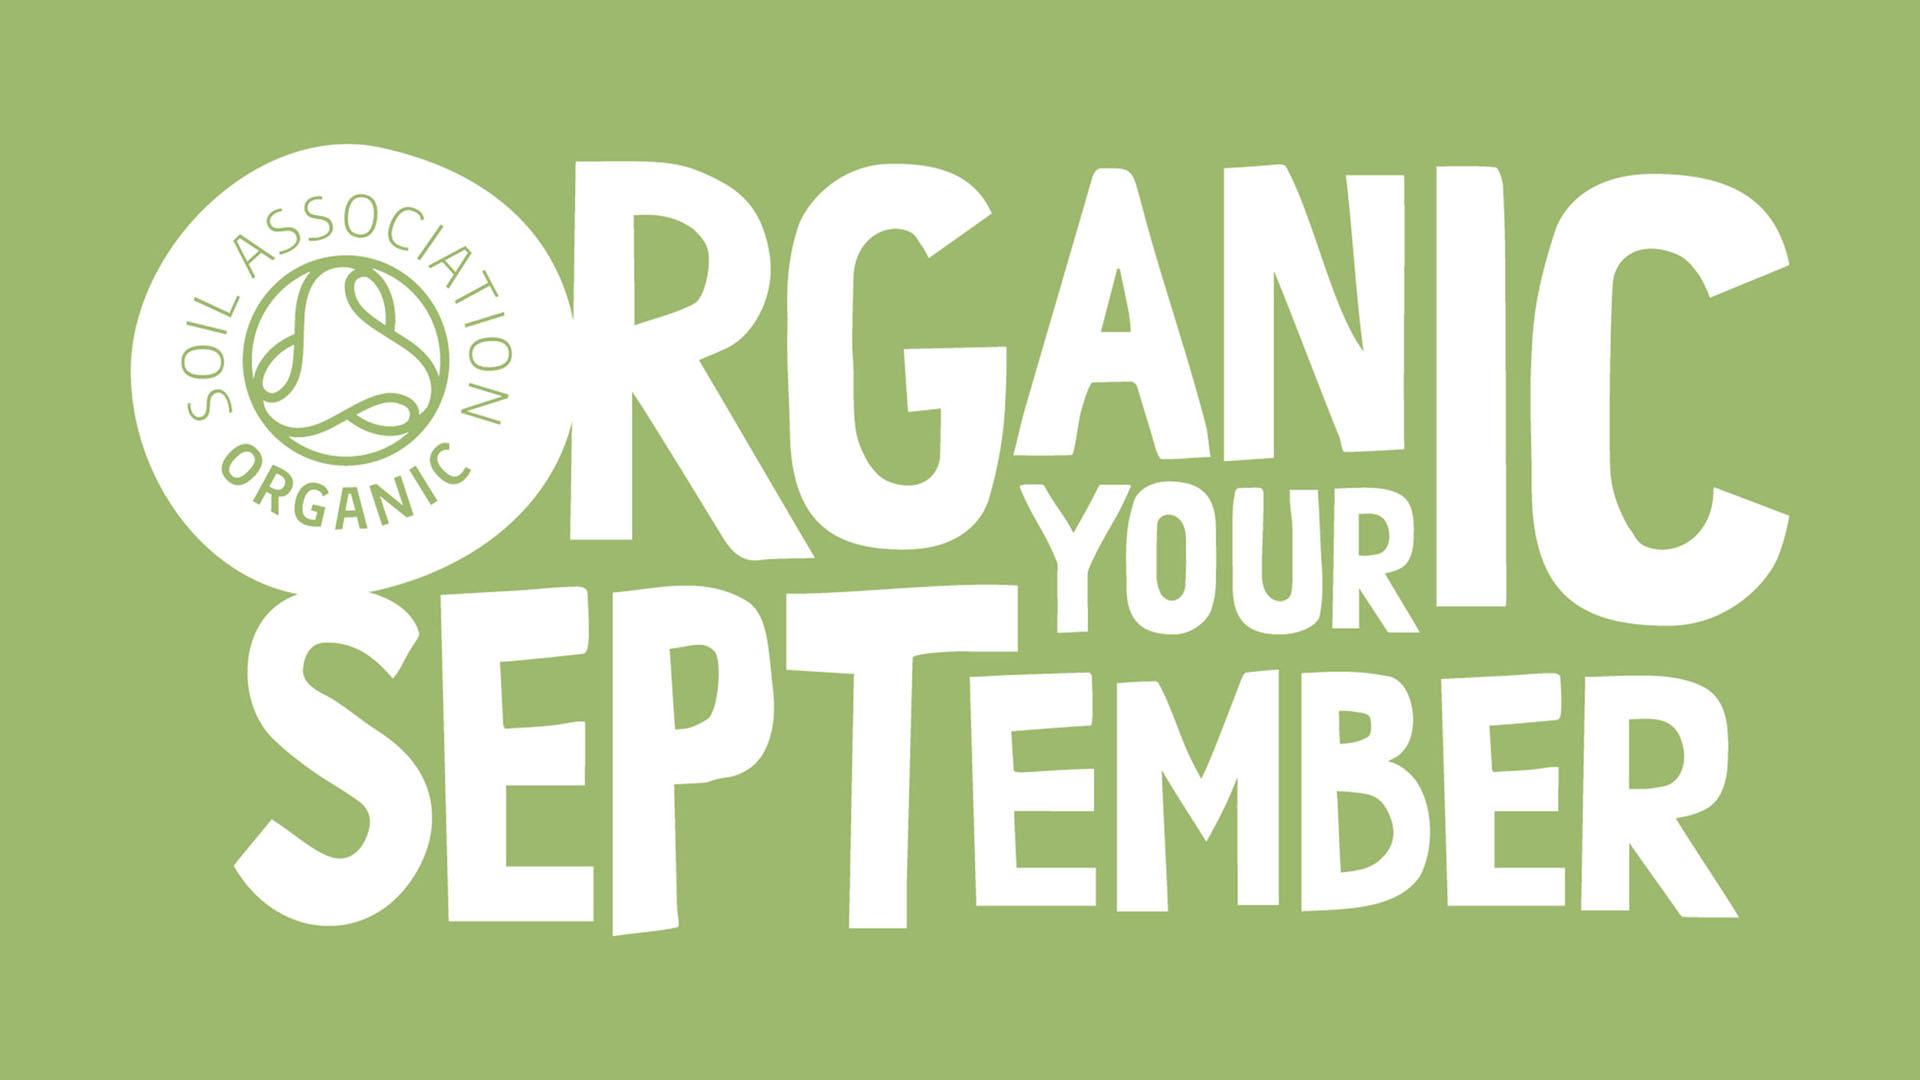 Organic September Newsletter